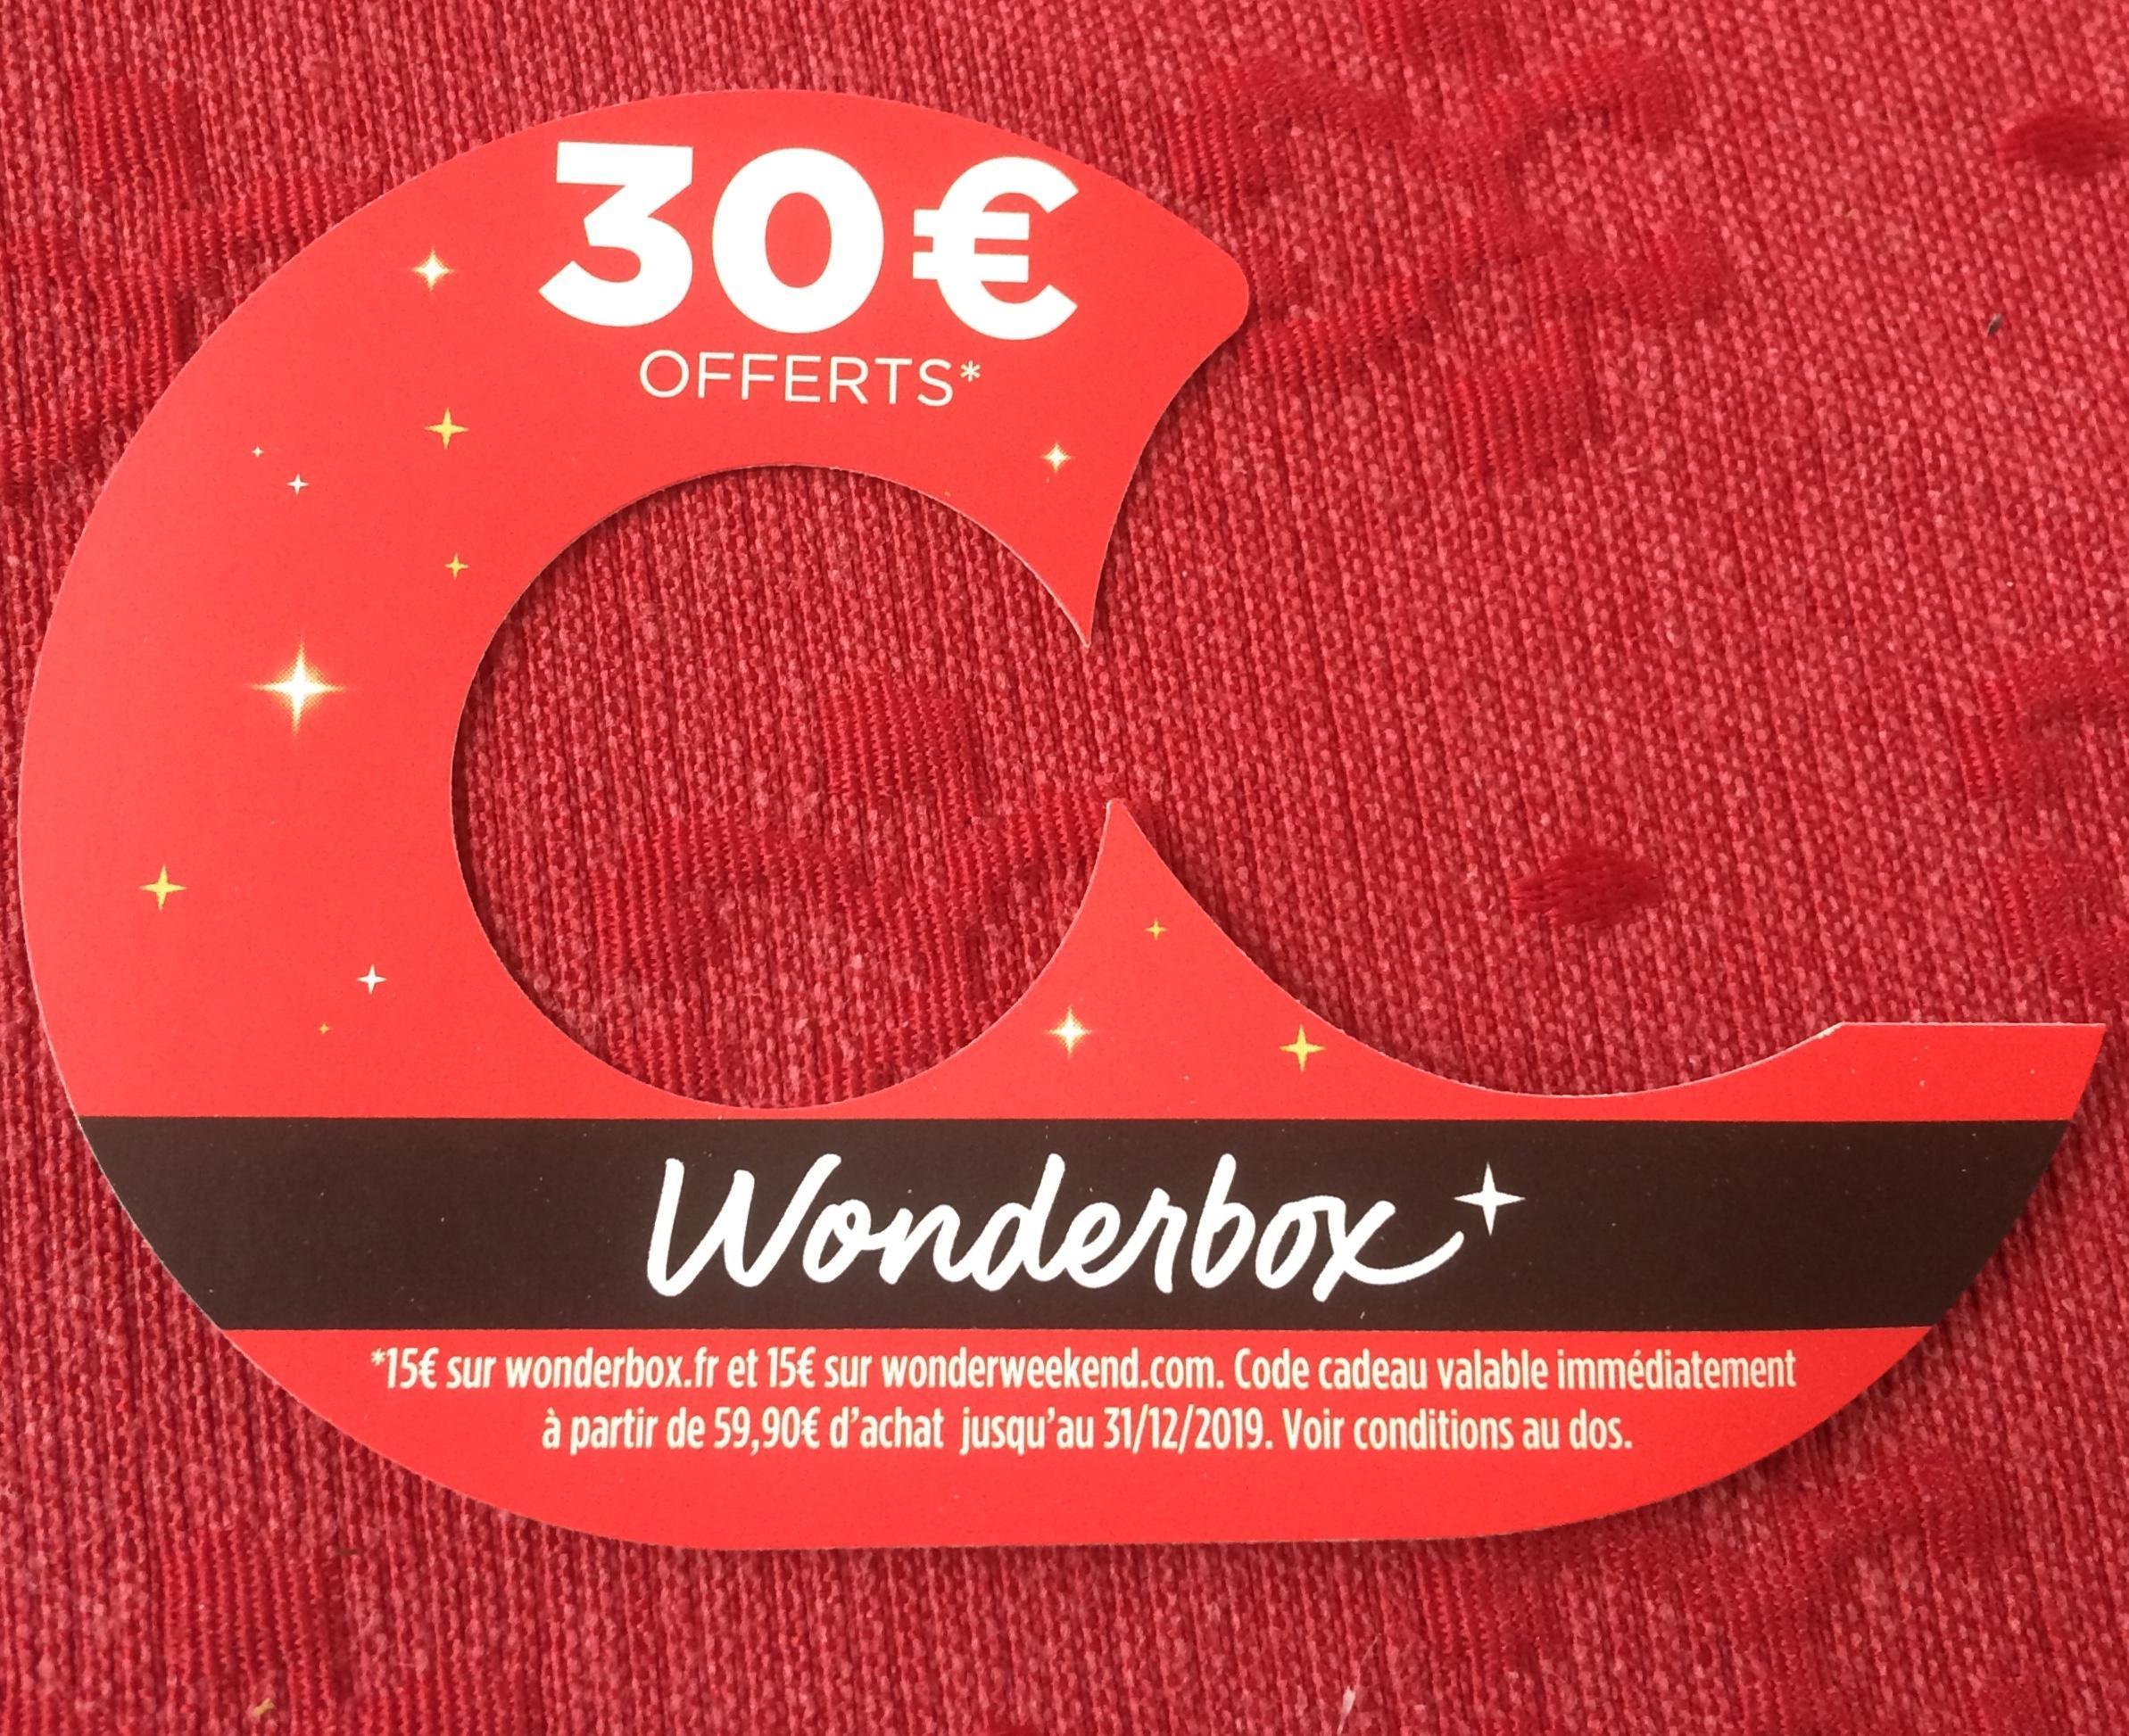 troc de troc code de réduction sur wonderbox.fr et wonderweekend.com image 0